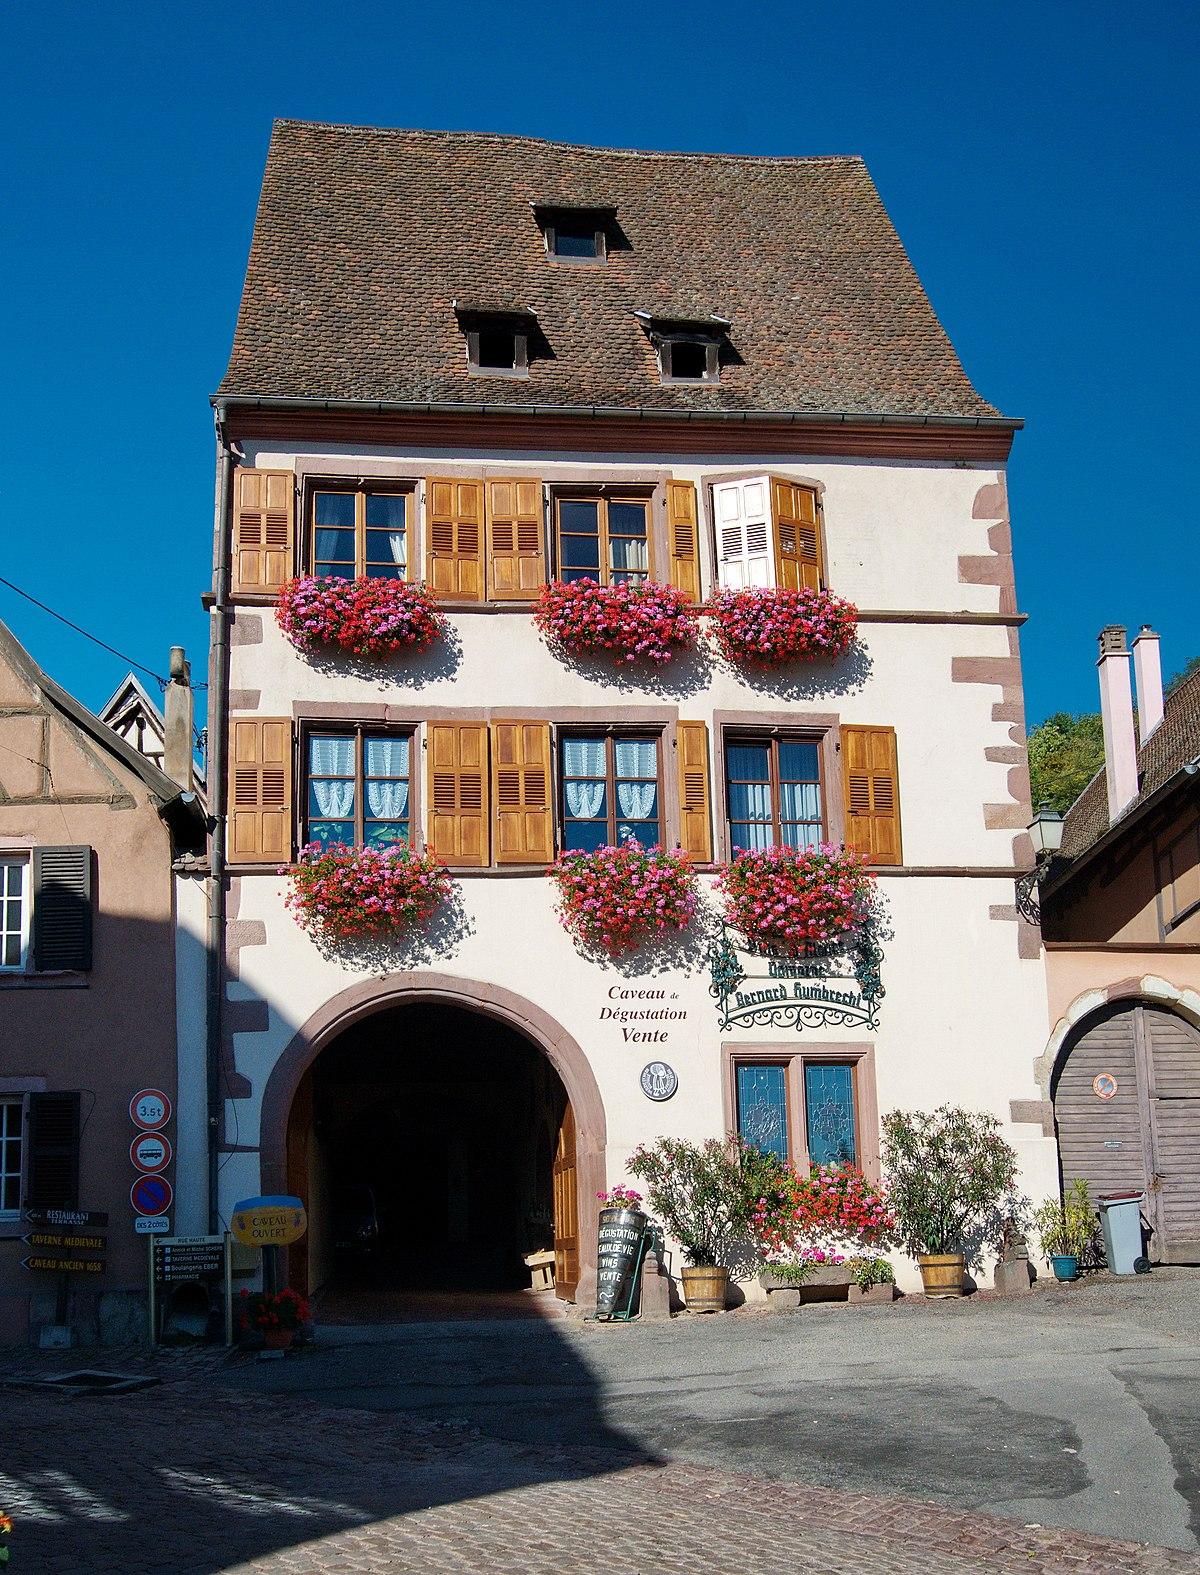 Maison au 9 place de la mairie gueberschwihr wikip dia - La maison de la place saignon ...